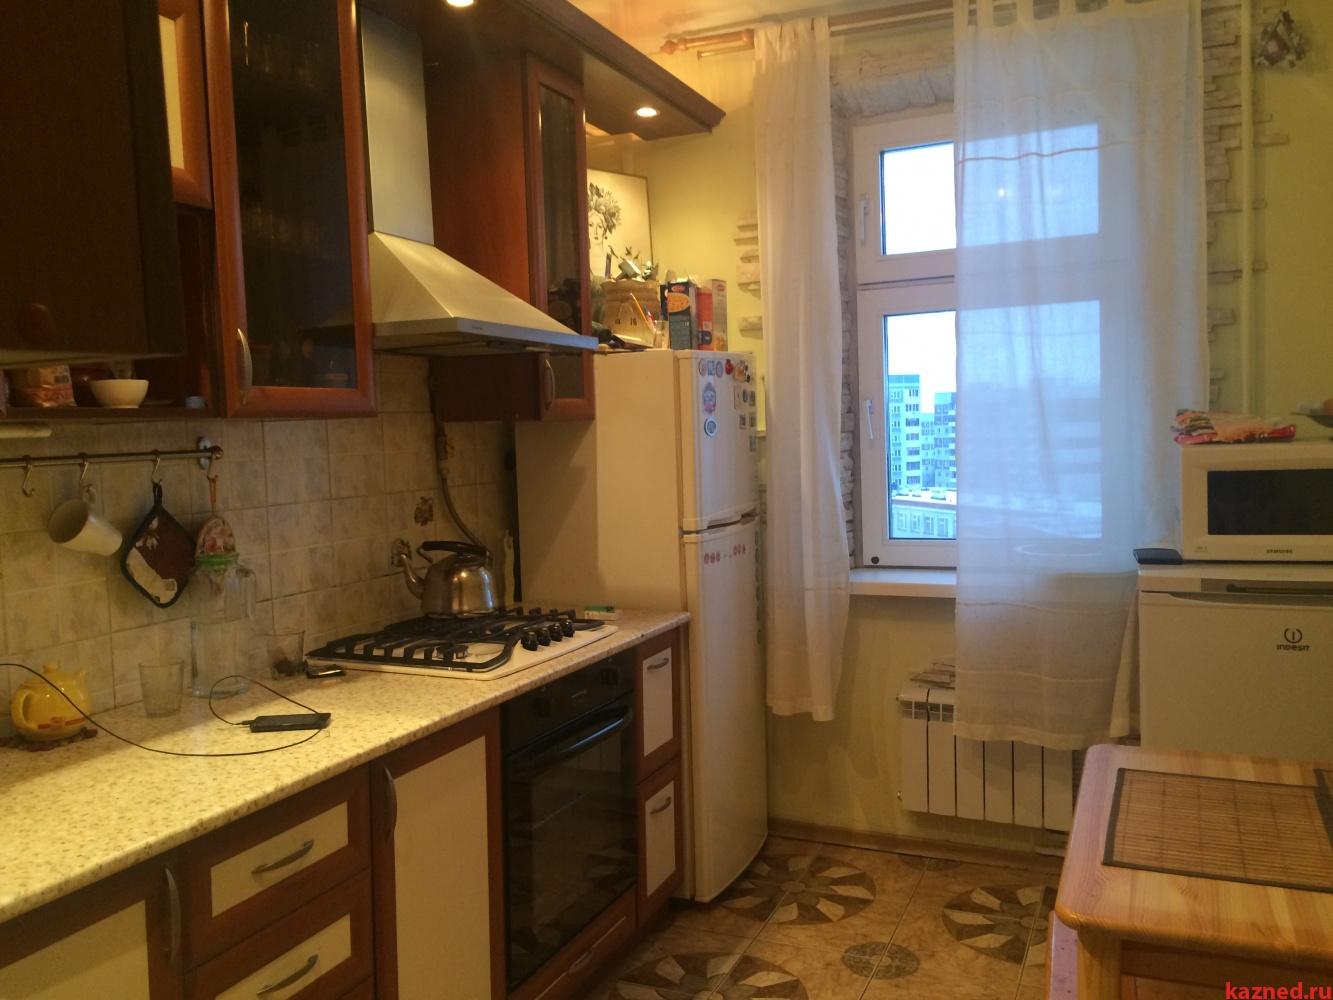 Продажа 1-к квартиры Проспект Победы 134, 54 м2  (миниатюра №3)